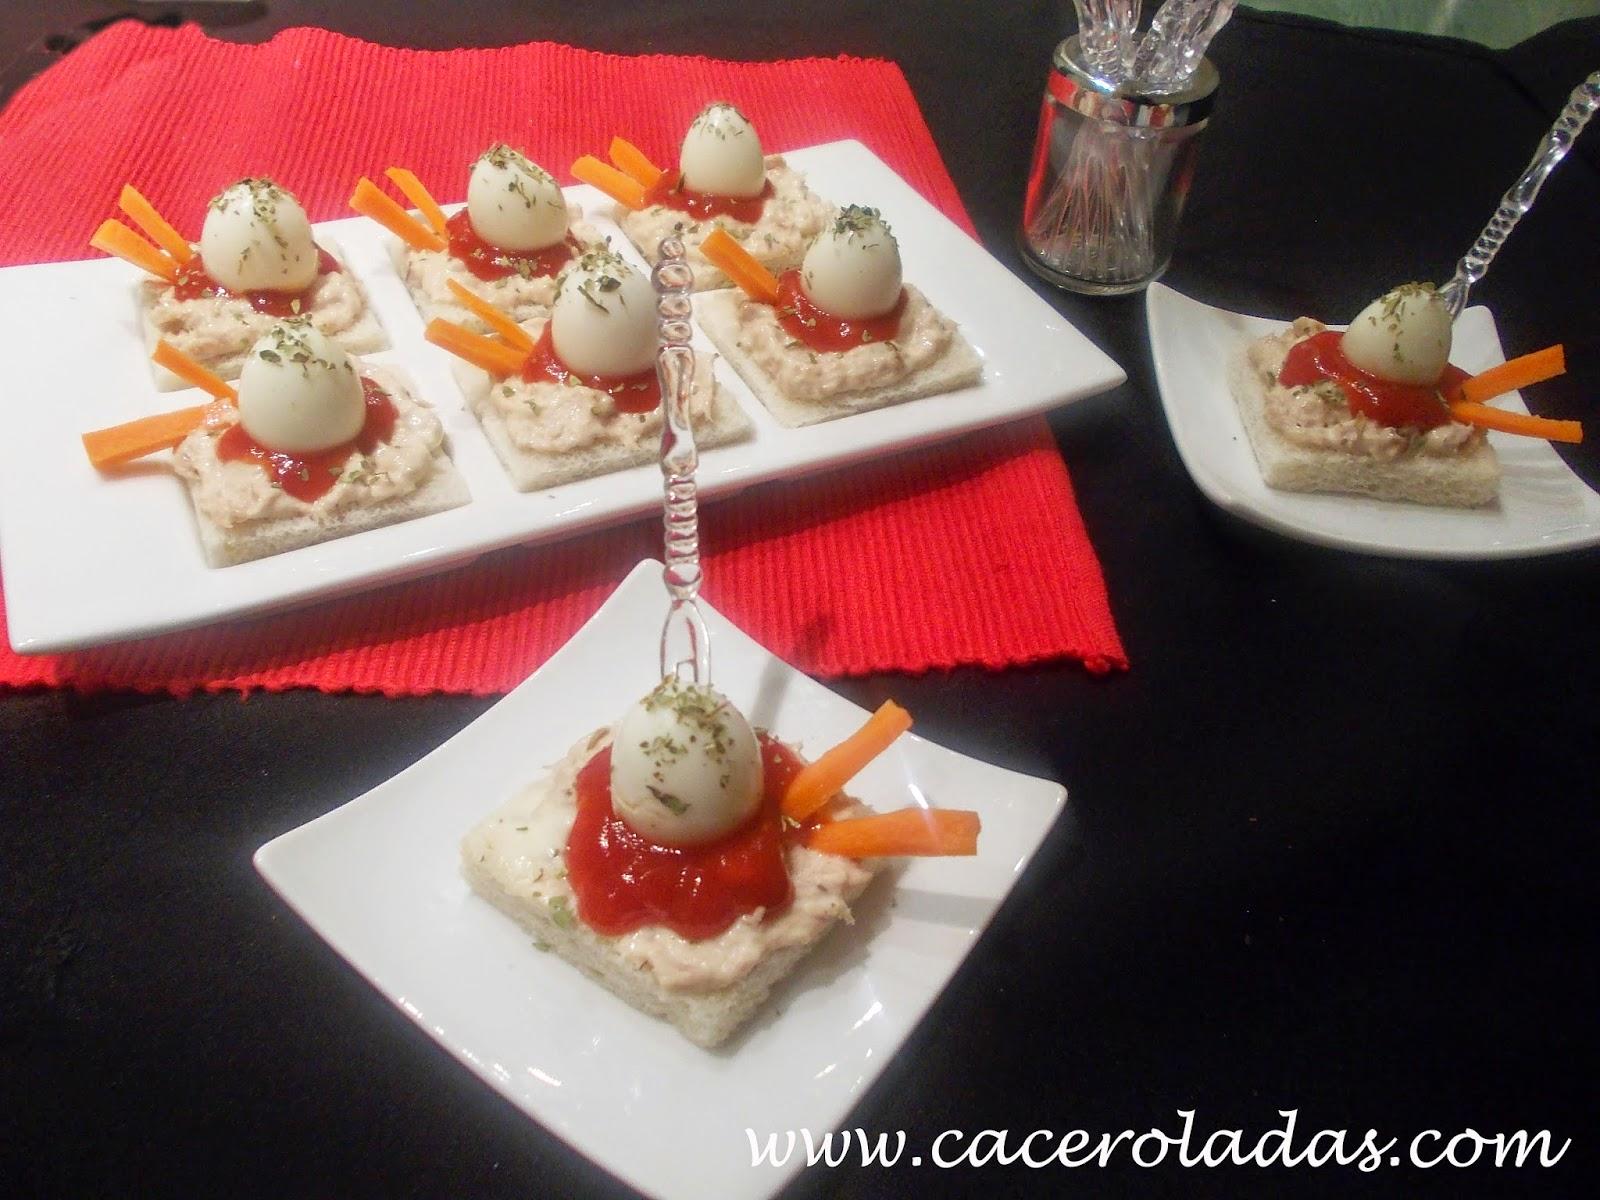 Canapés Sencillos Con Huevos De Codorniz Caceroladas